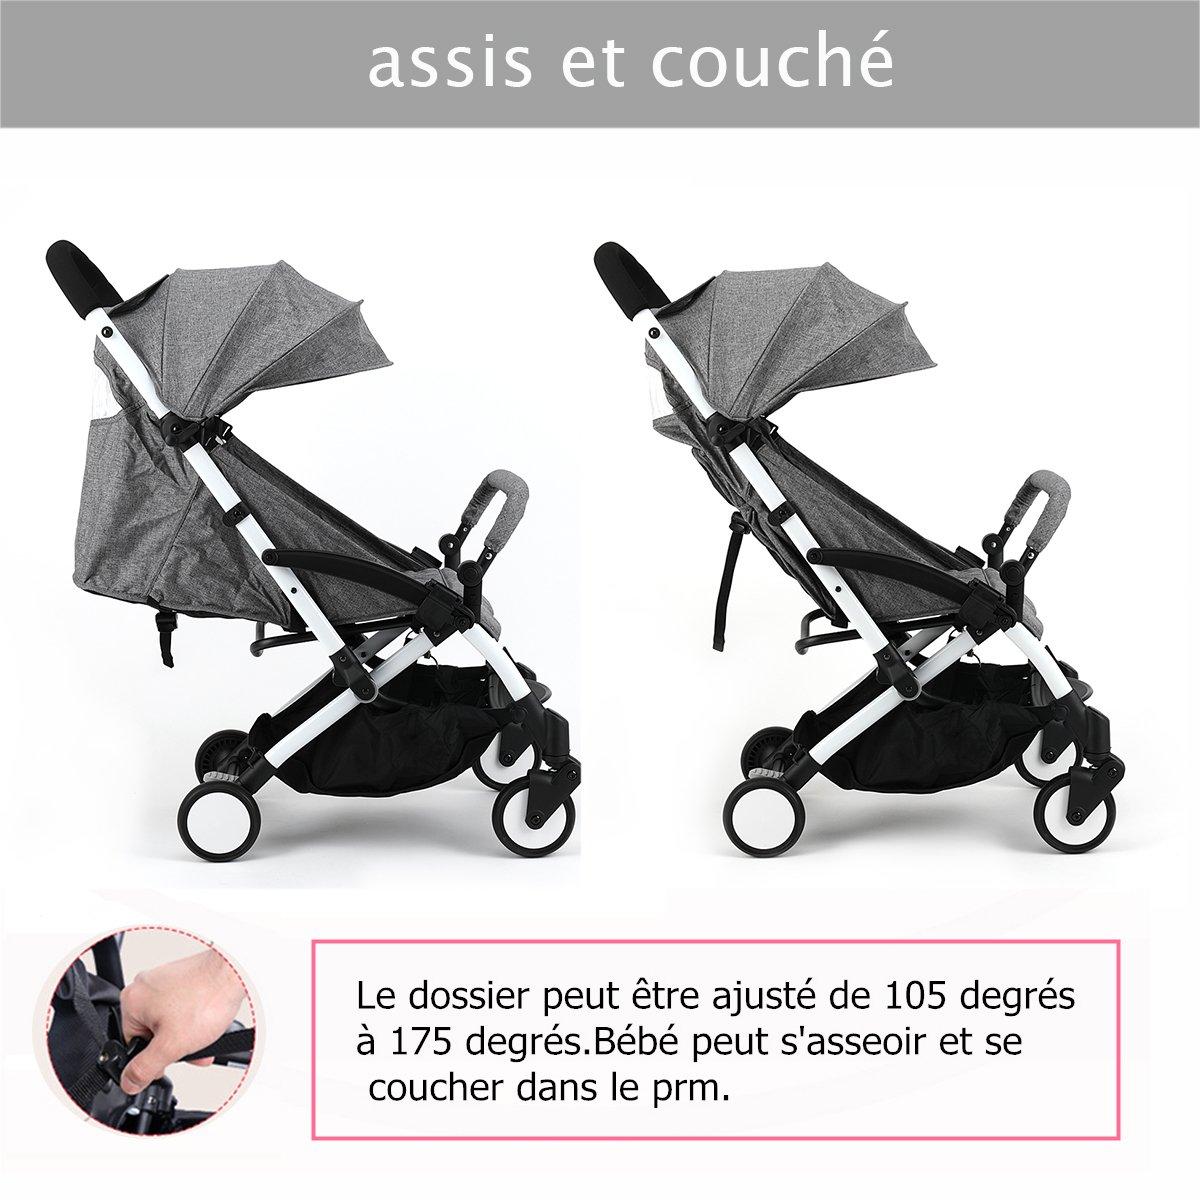 sillas de paseo ligeras carritos de bebe plegable carro bebe de viaje por 0-5 años (Gris): Amazon.es: Bebé